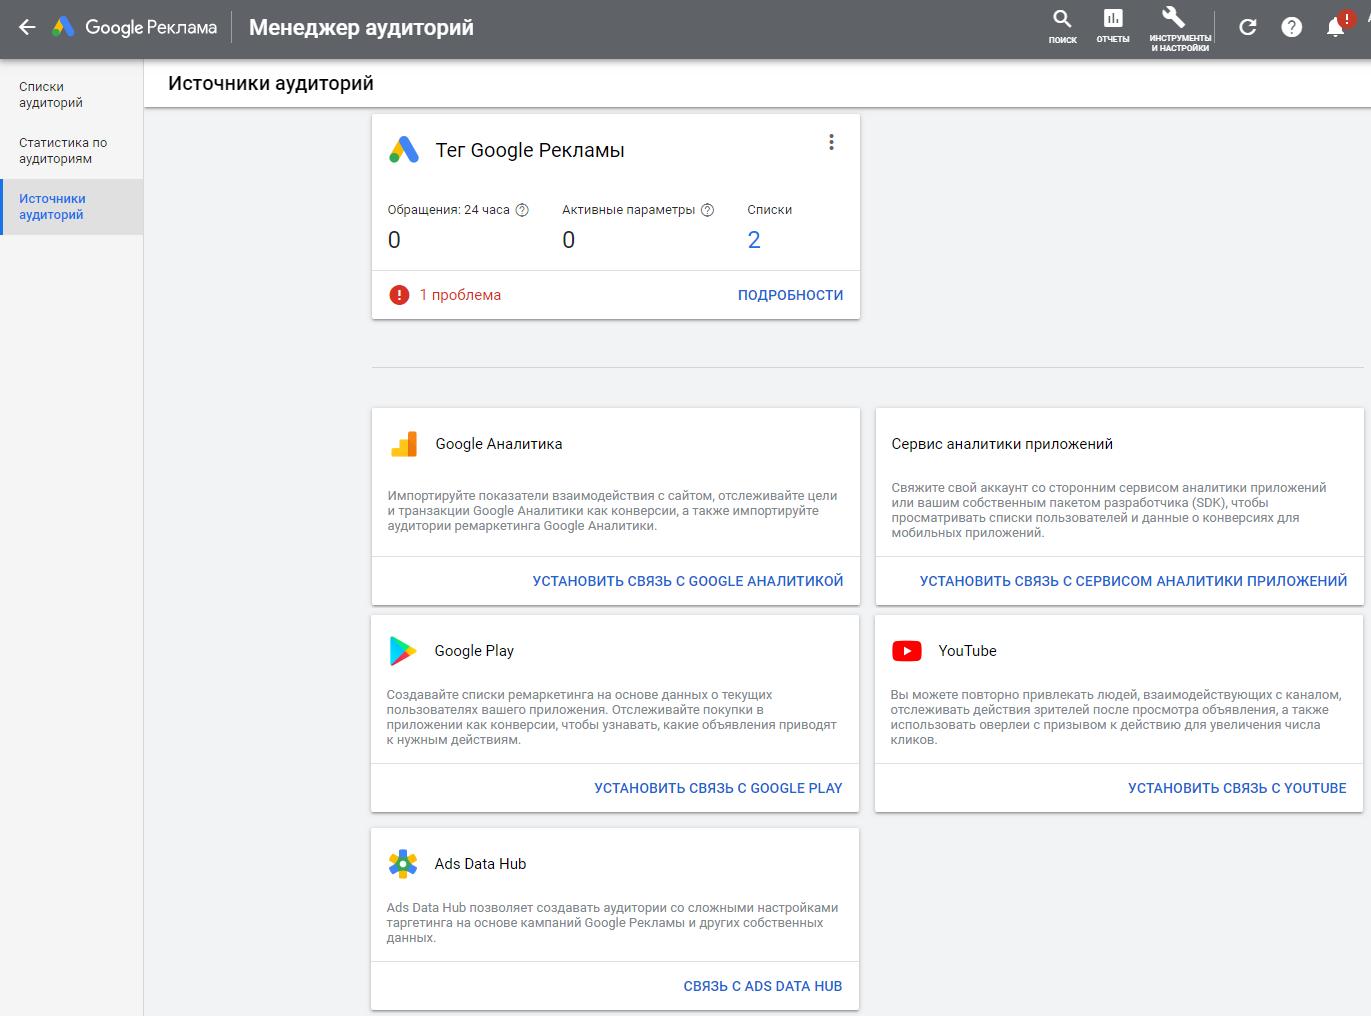 Новый интерфейс Google Ads – источники аудиторий